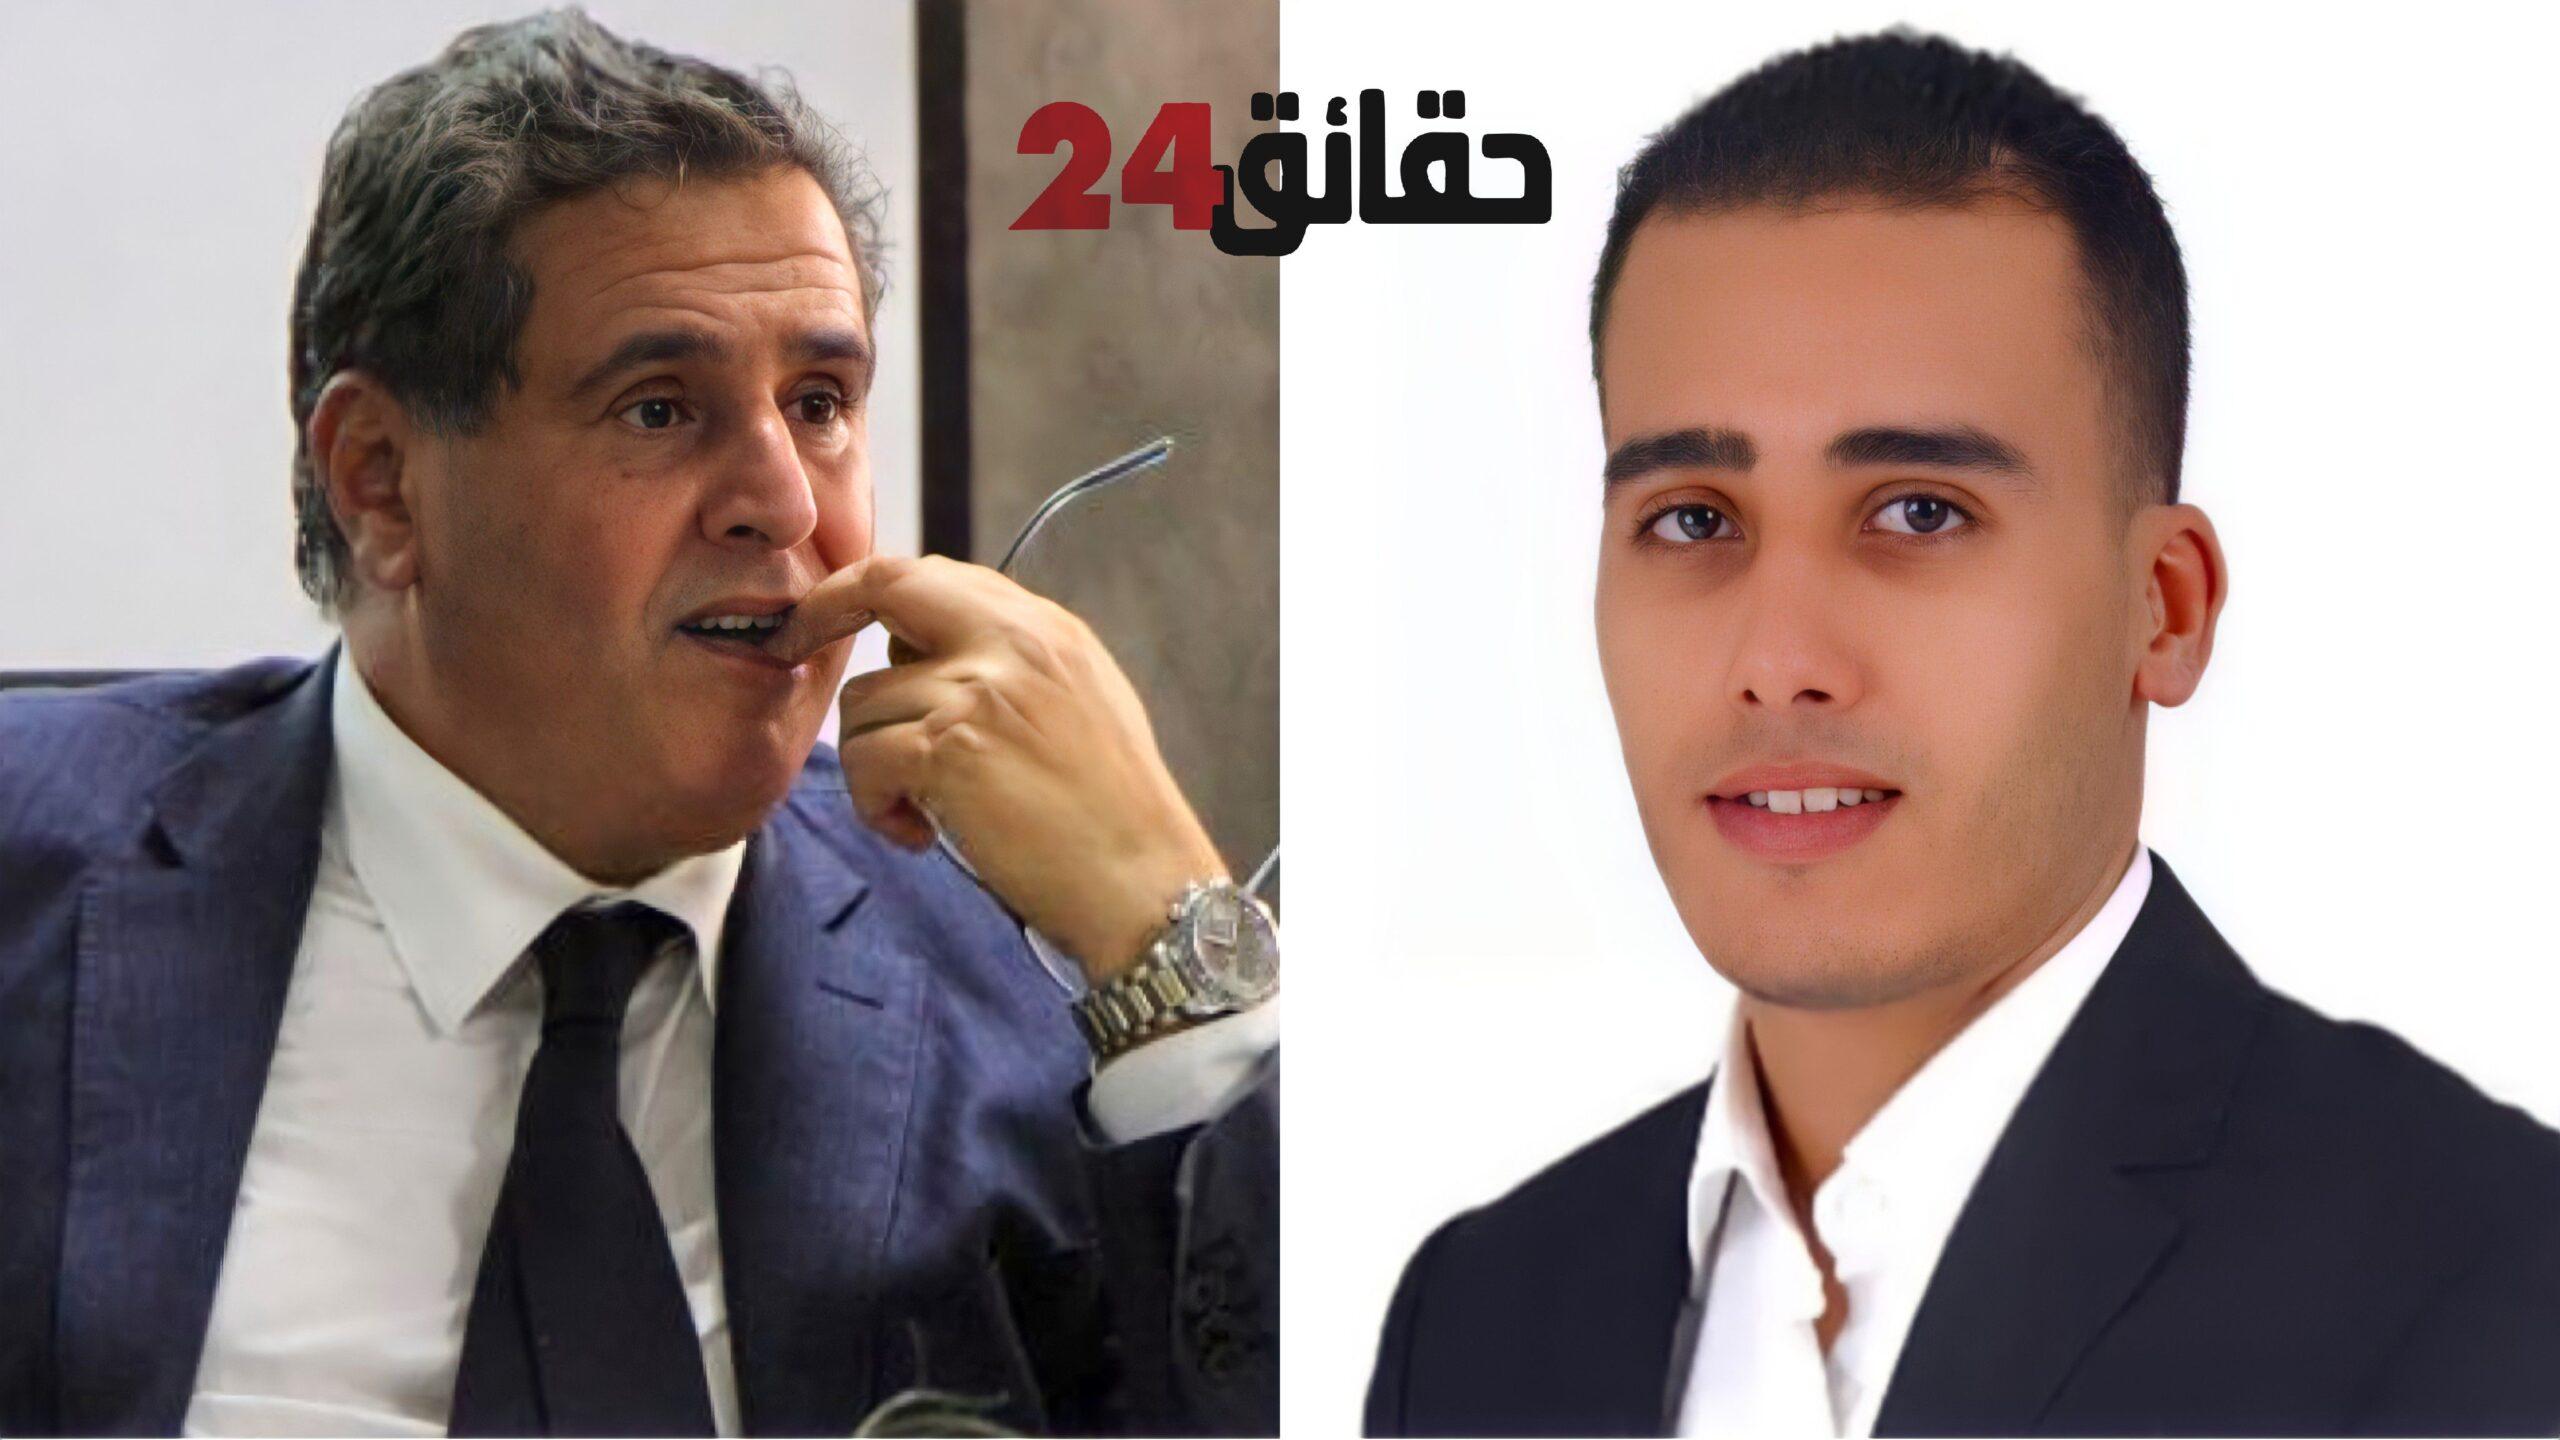 صورة سابقة .. أصغر مرشح برلماني لأخنوش باشتوكة يلتزم الصمت طيلة أيام الحملة